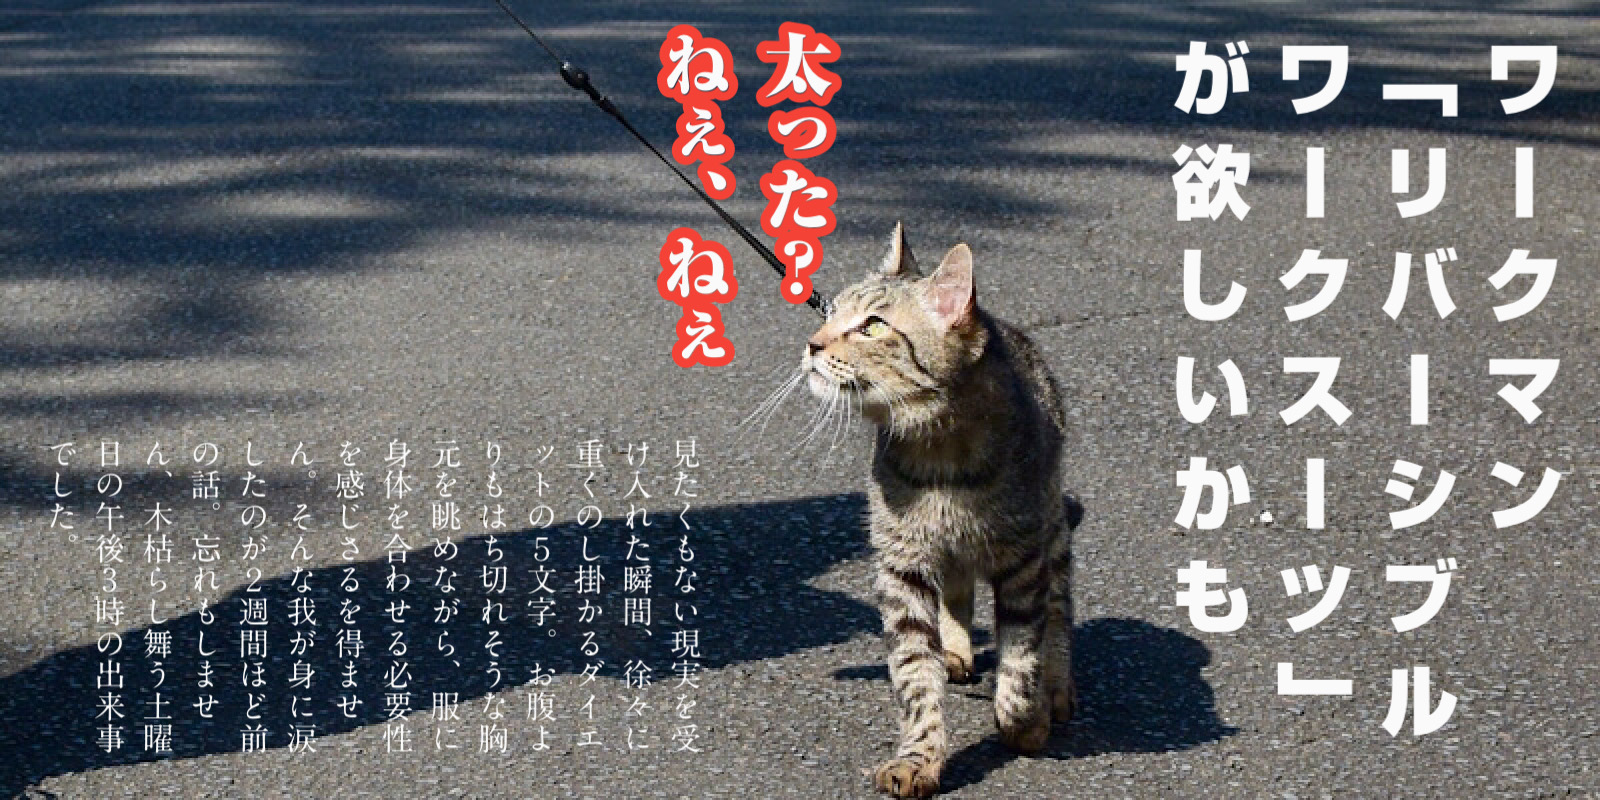 猫と散歩「ねぇねぇ、太った?」